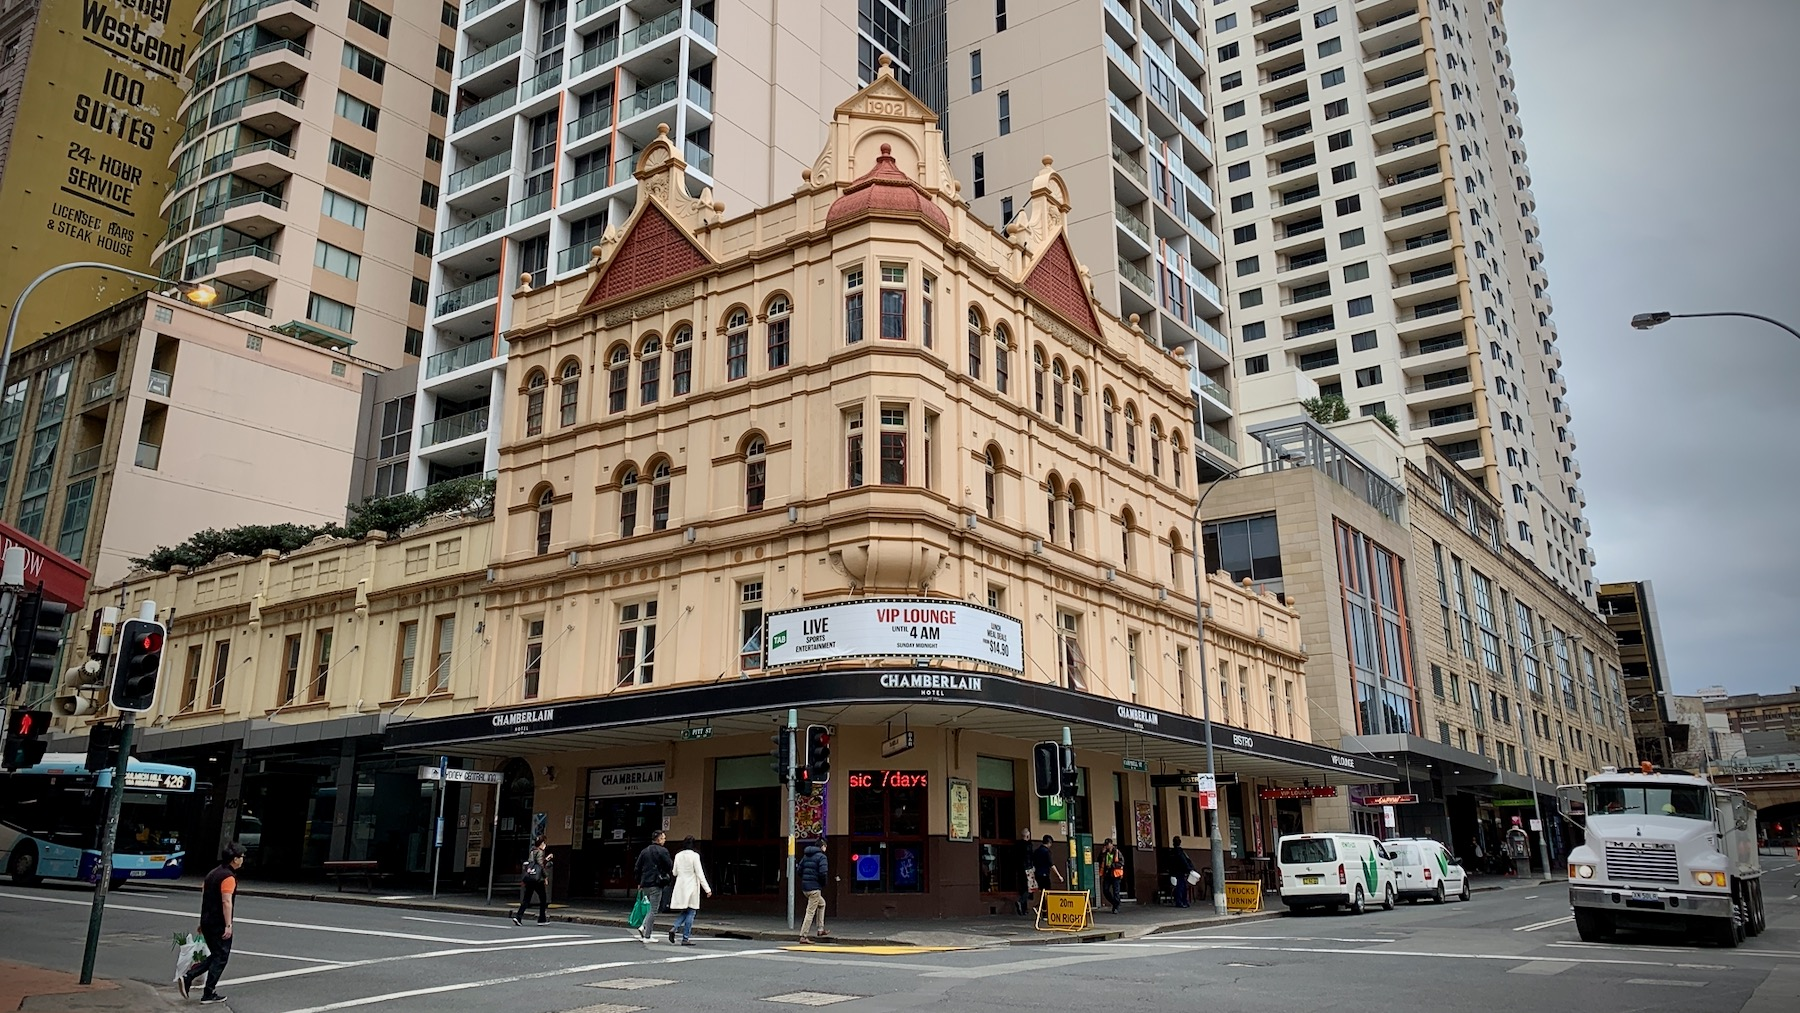 Chamberlain Hotel